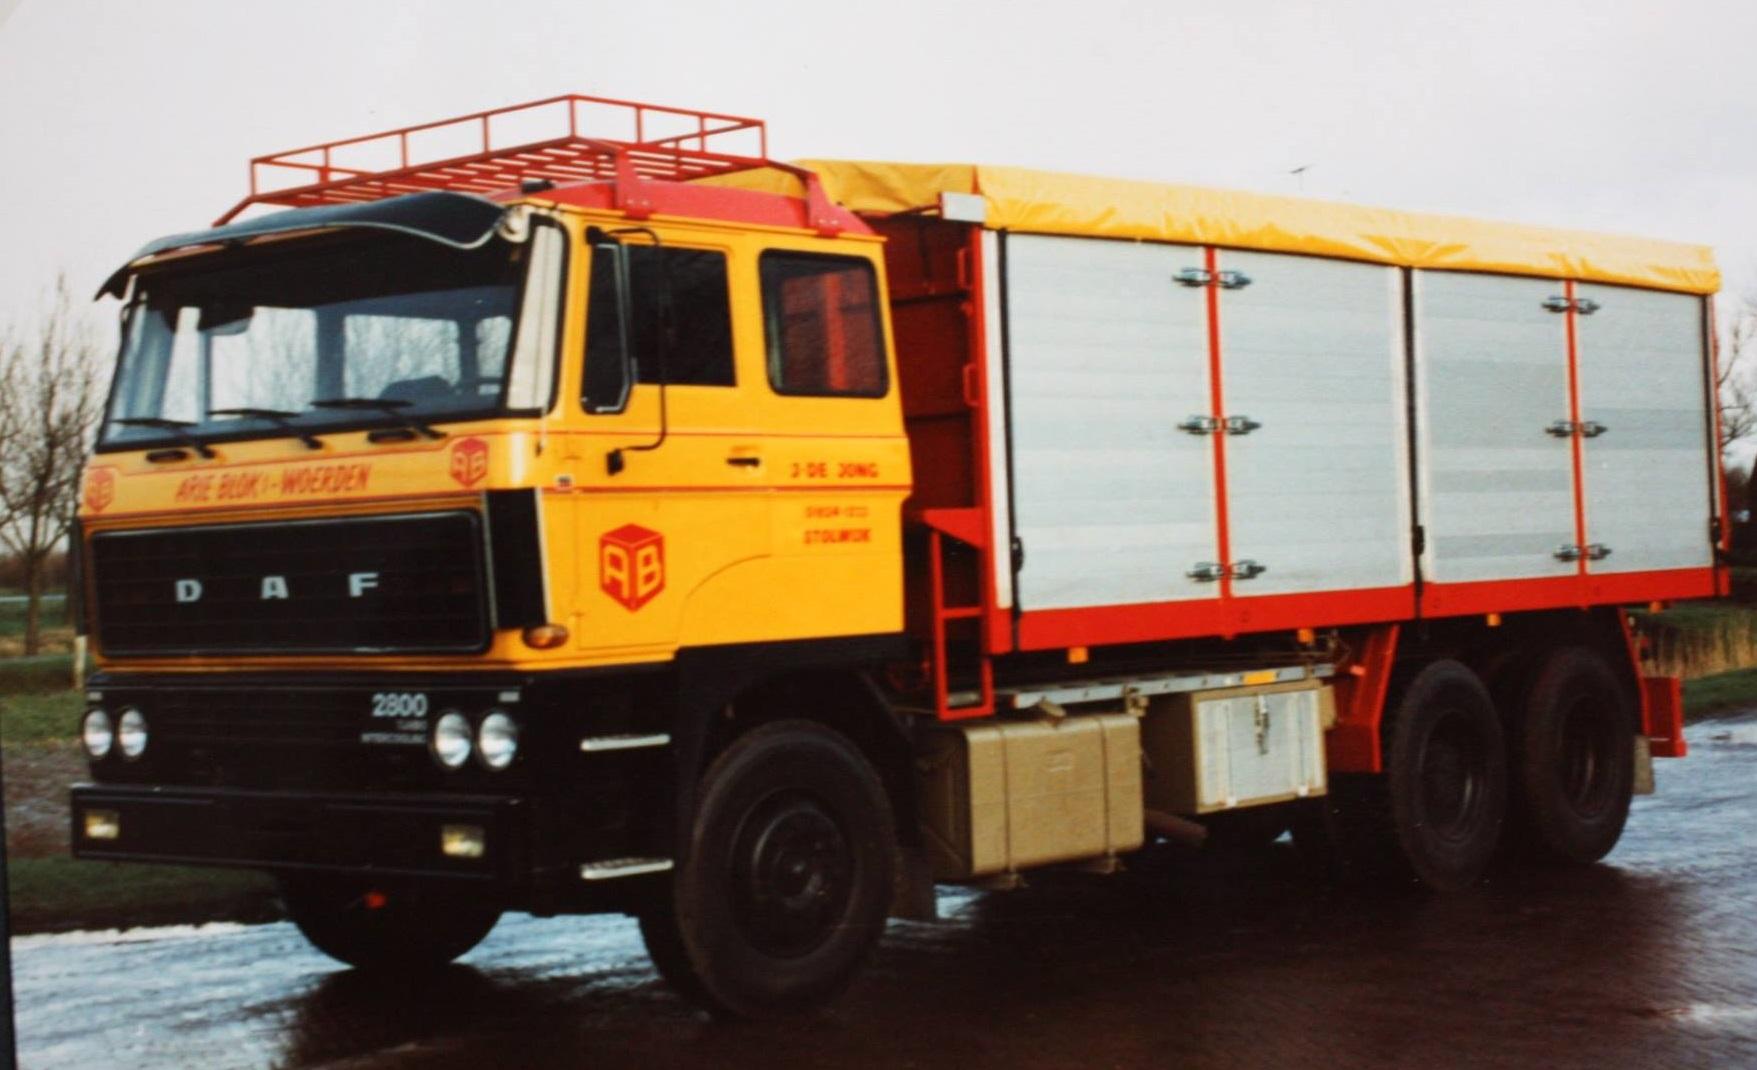 bulkwagen-is-door-Rondaan-gebouwd-voor-J-de-Jong-uit-Stolwijk-hij-rijdt-voor-Arie-Blok-uit-Woerden-2